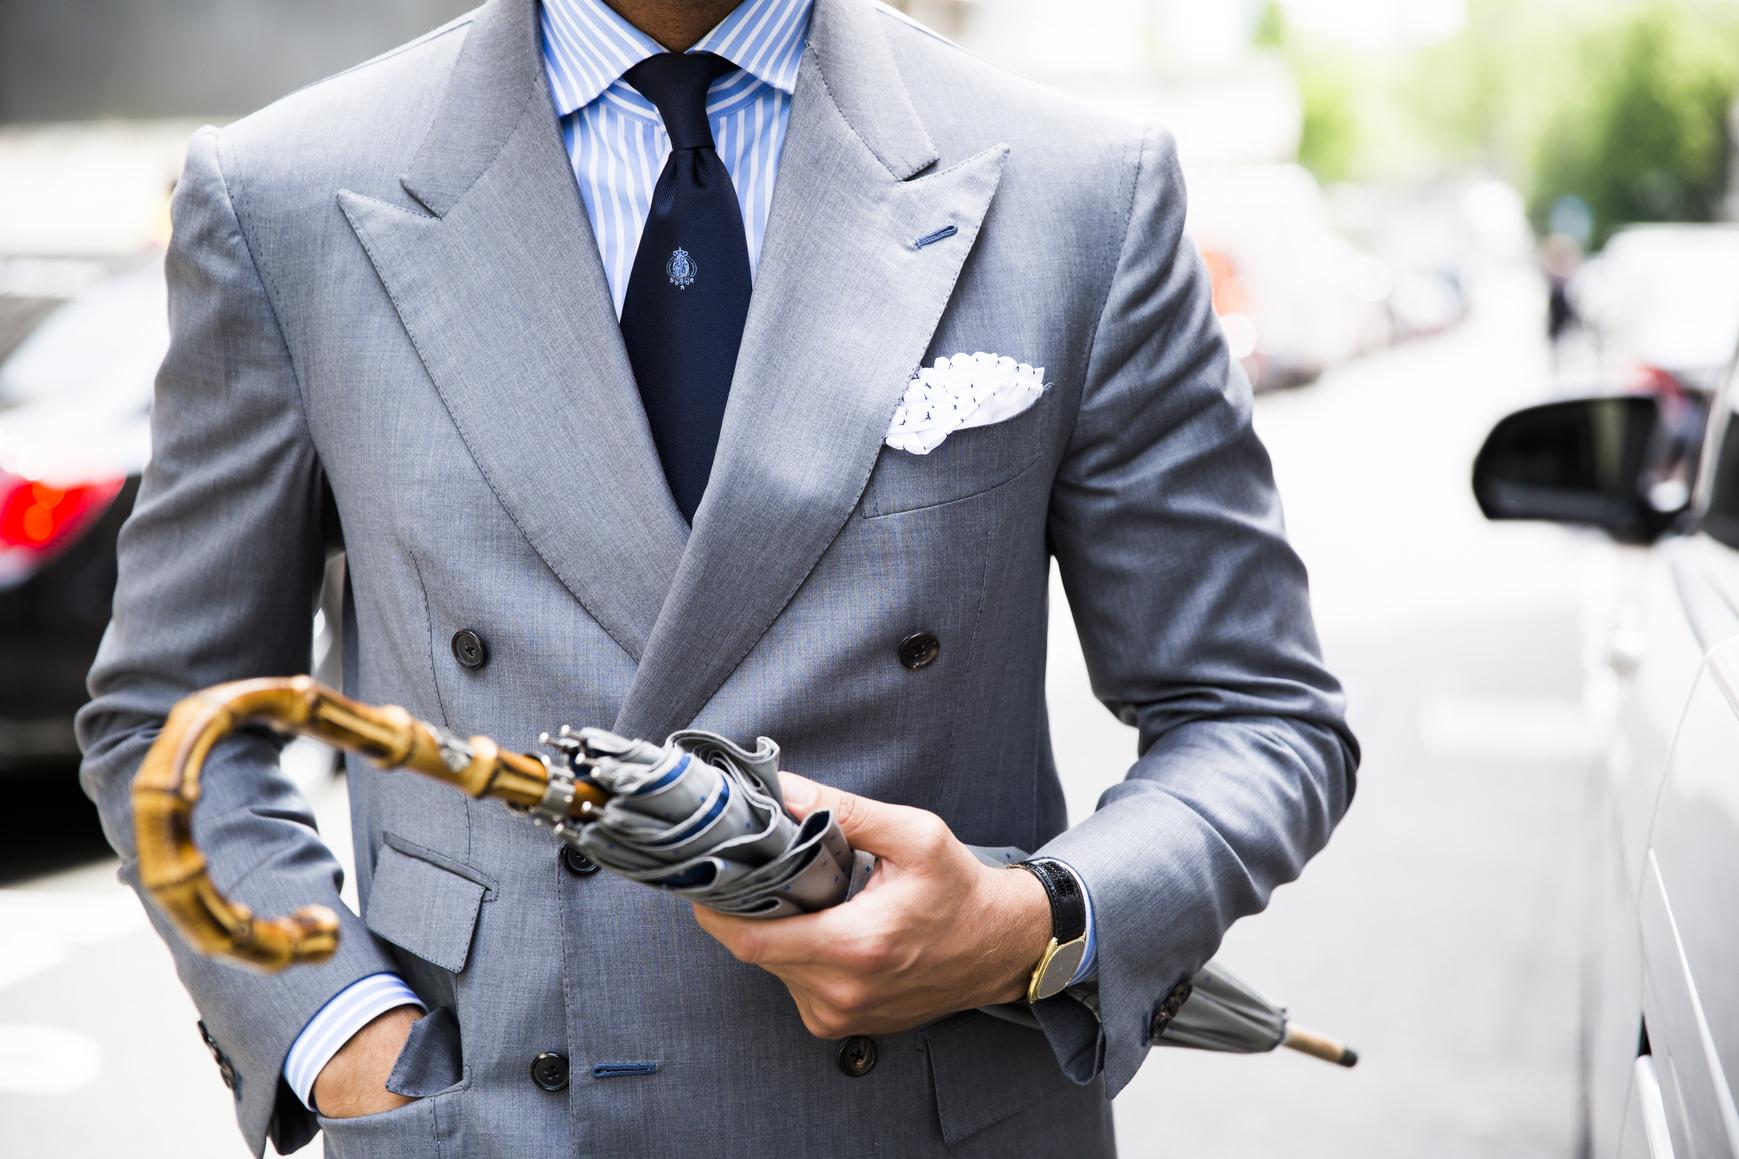 Poszetka to stylowy detal męskiej stylizacji